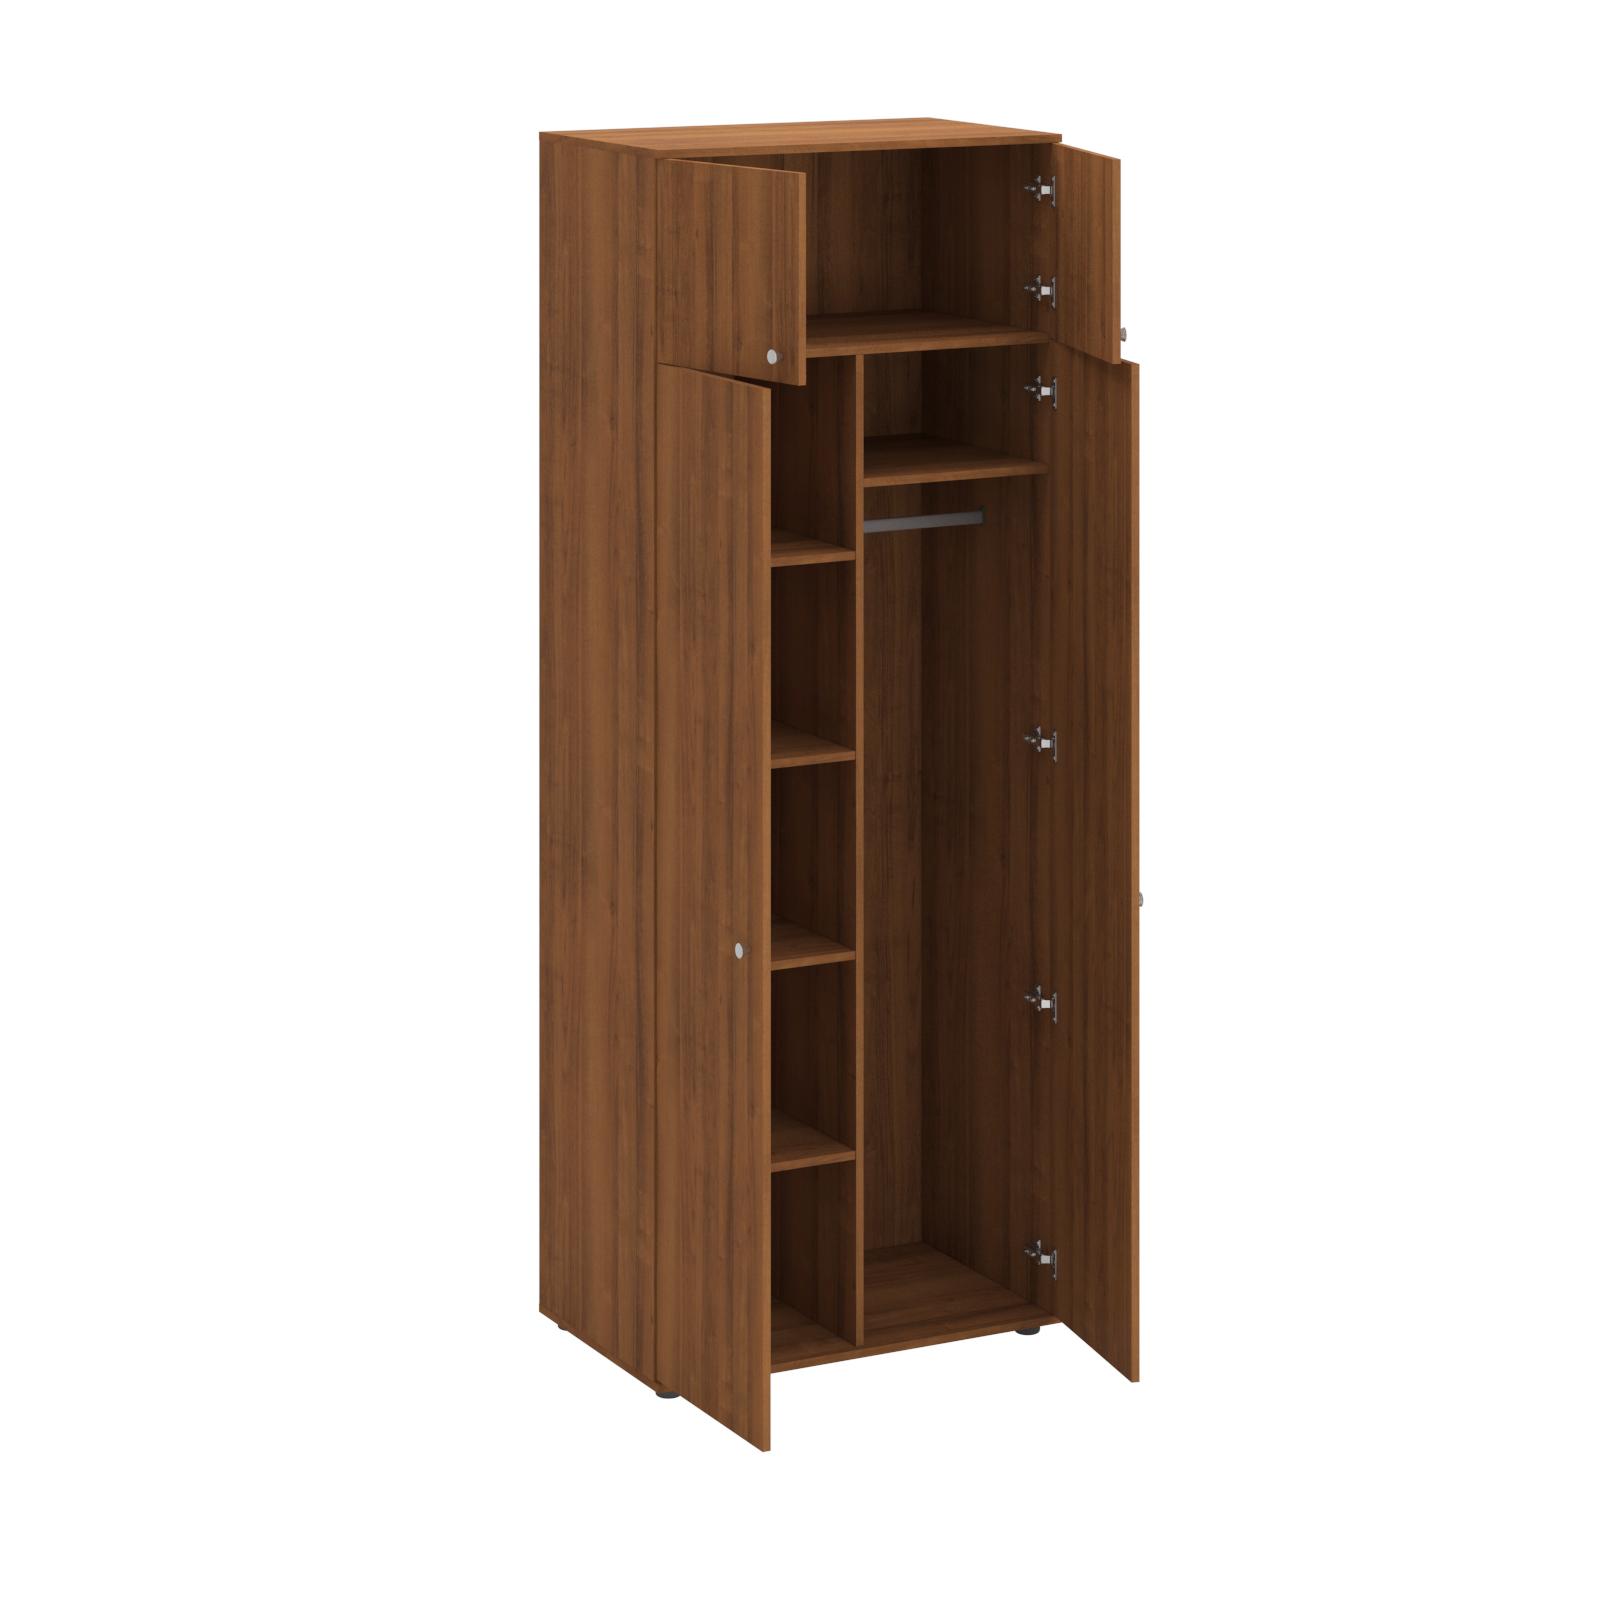 Шкаф комбинированный двухствочатый с антресолью (4 полки и штанга для вешалок)